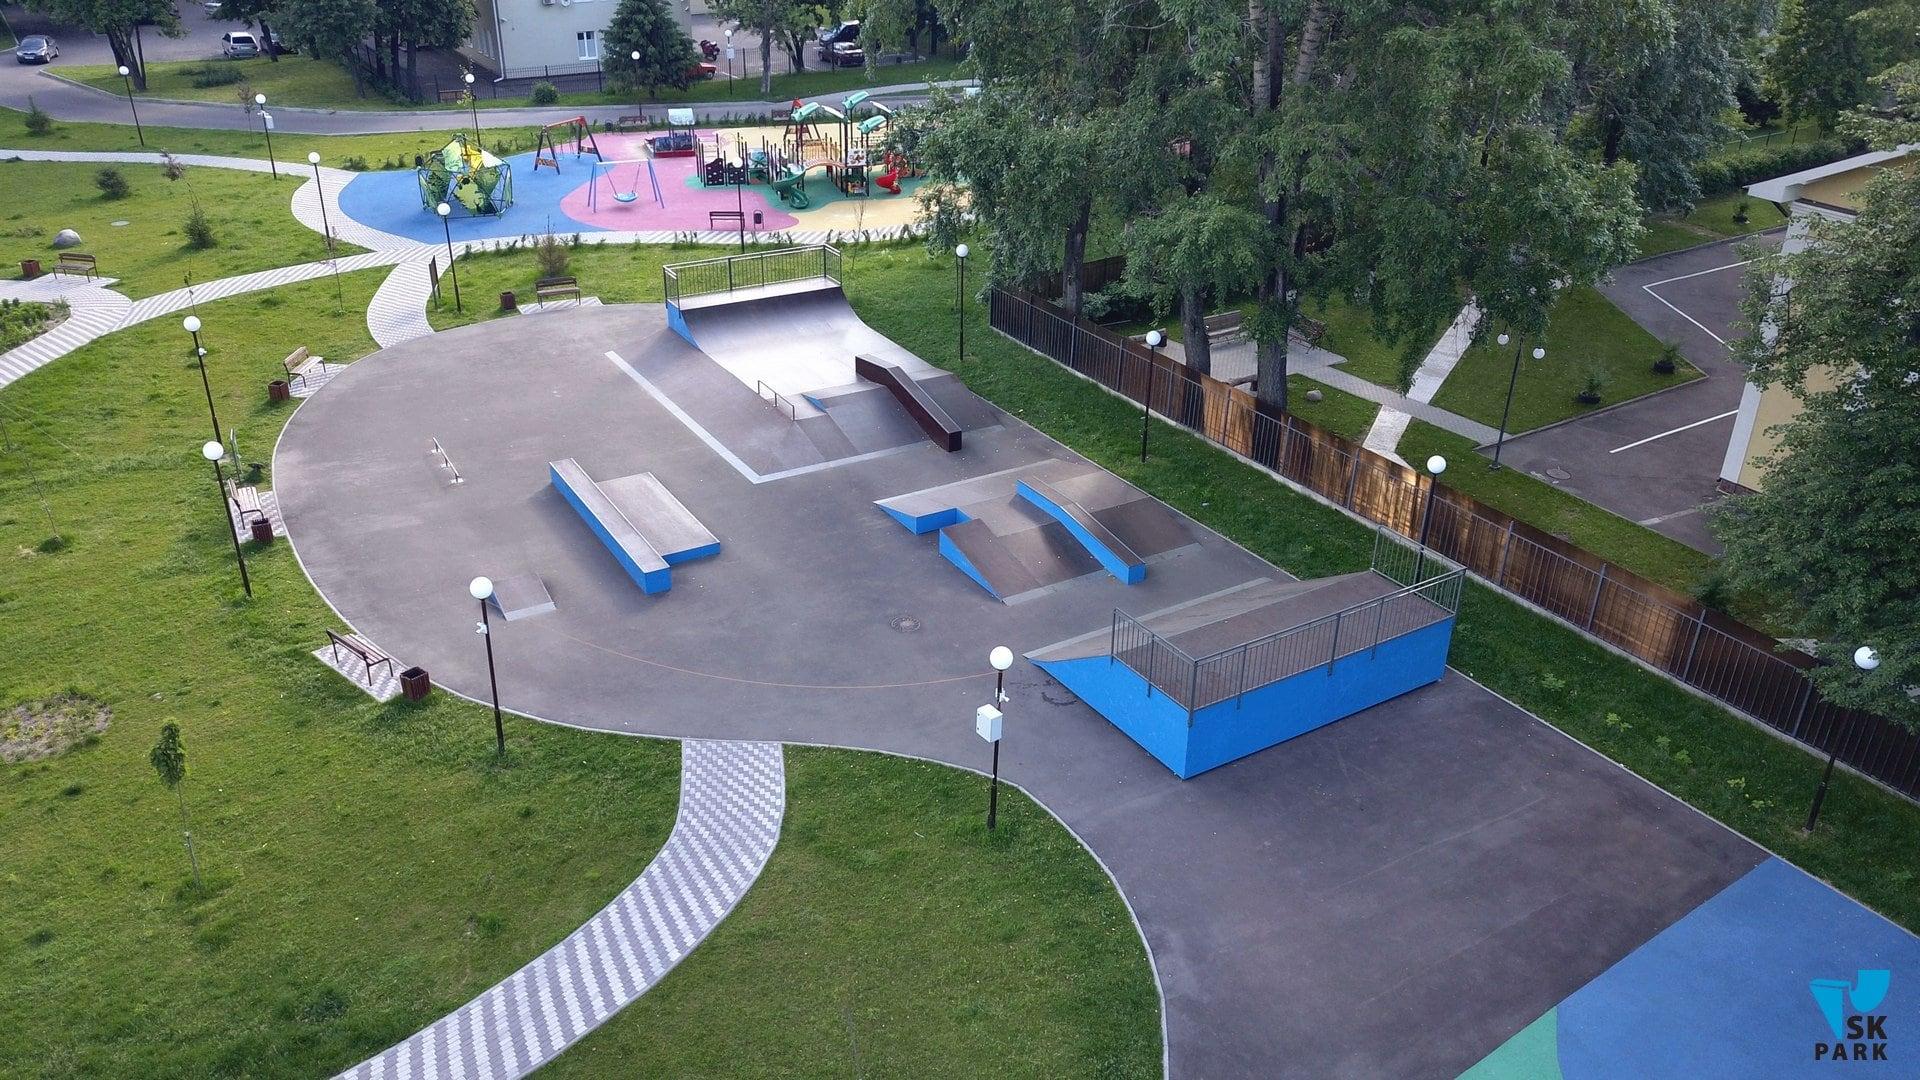 Выложили описание нового объекта в Нагорном районе г.Москвы